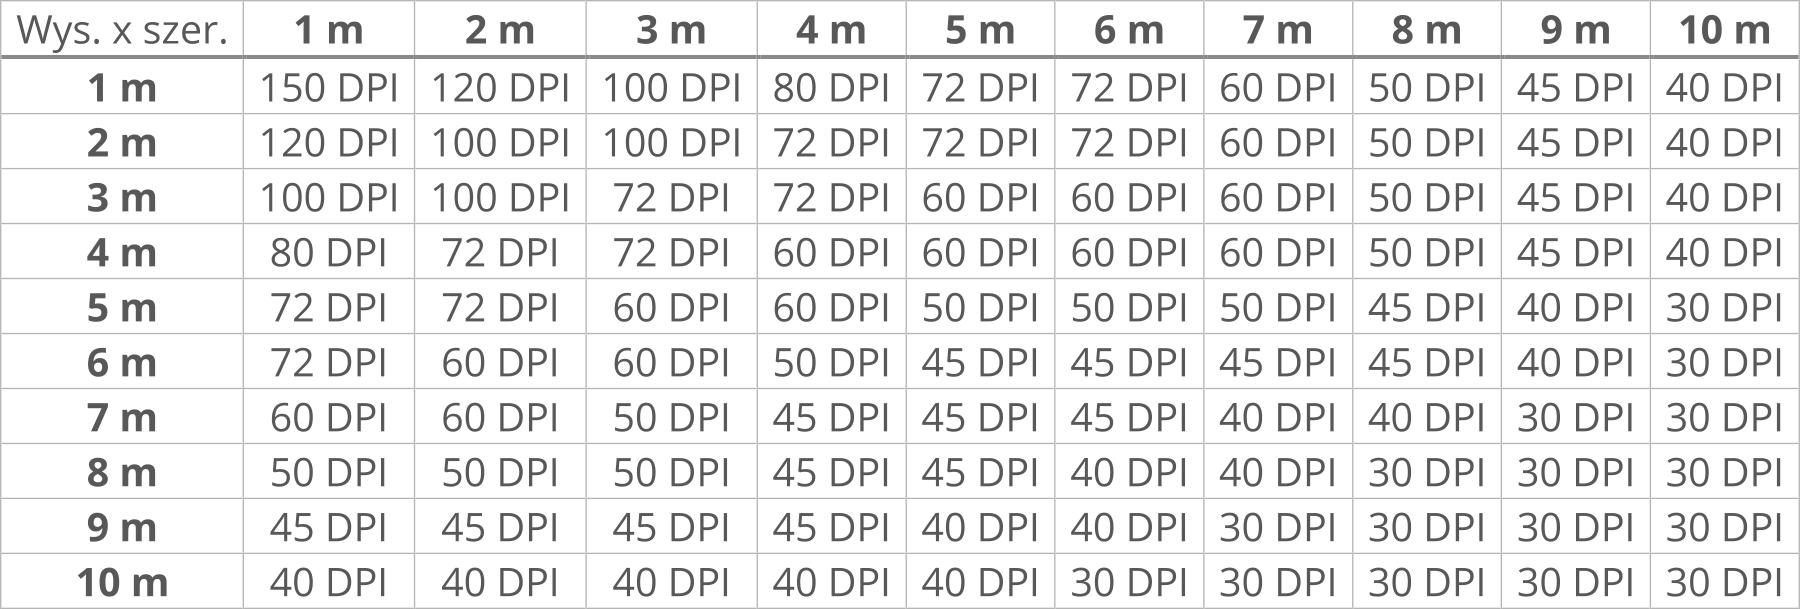 tabelka DPI dla druku wielkoformatowego